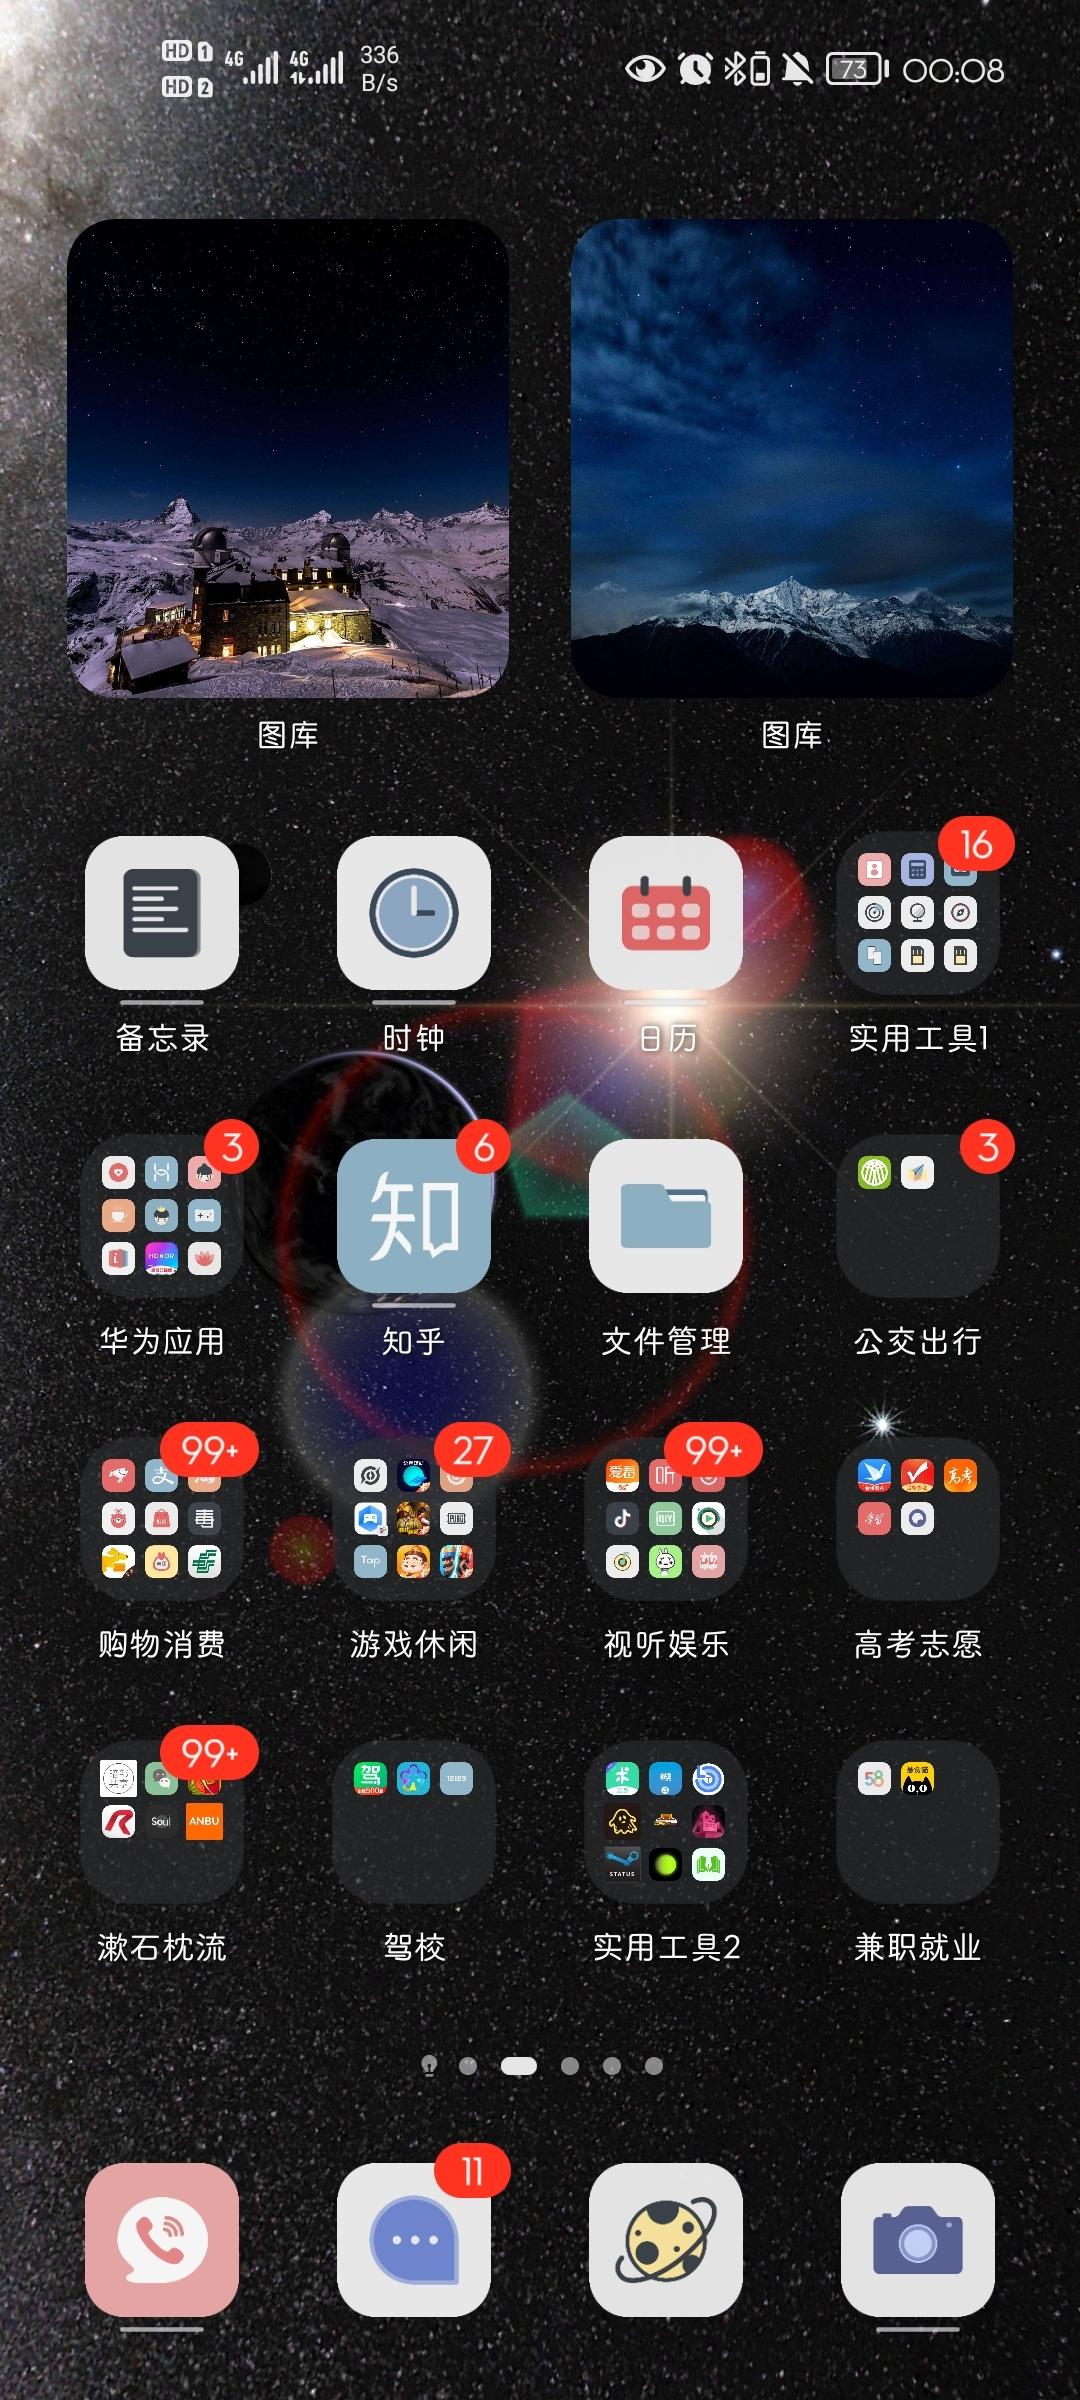 Screenshot_20210724_000846_com.huawei.android.launcher.jpg